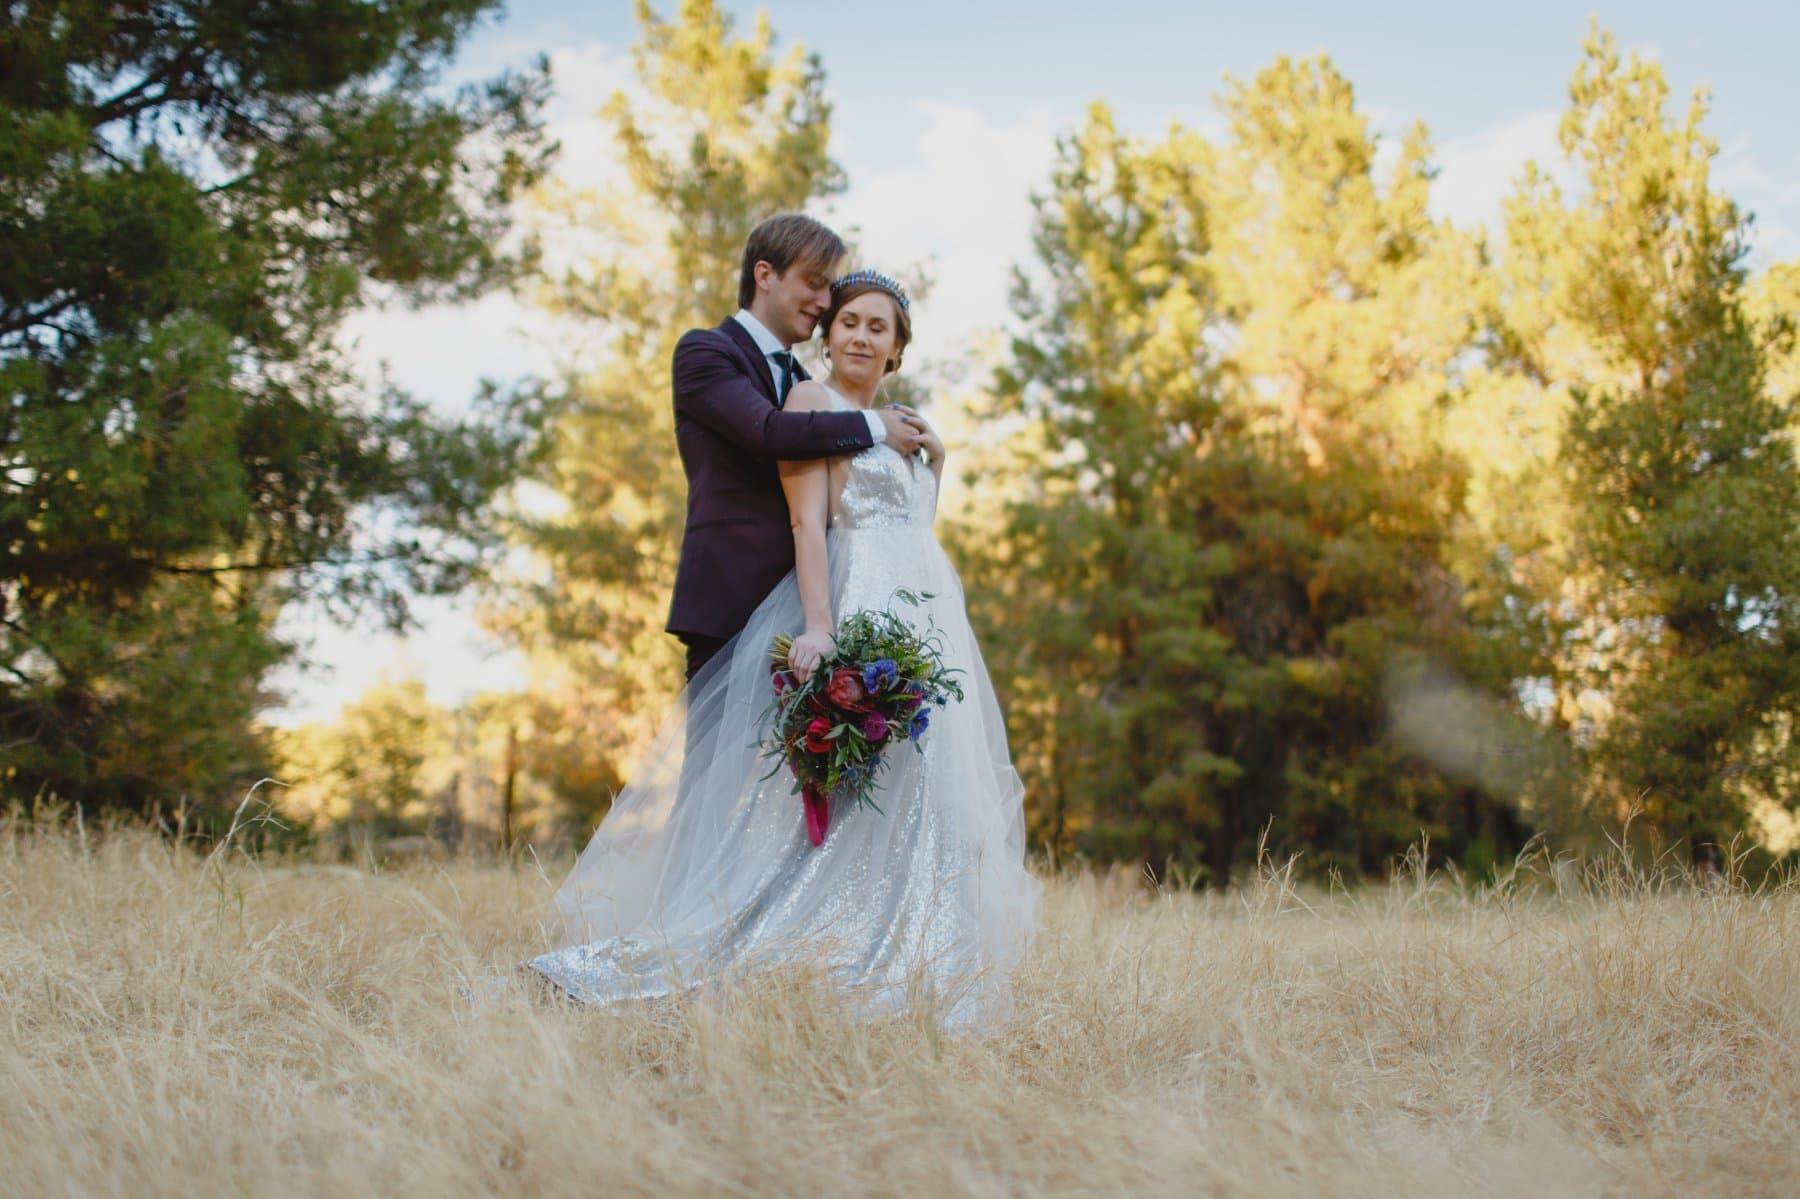 Schenpf Farms Meadow venue pine tree forest wedding venue in Phoenix